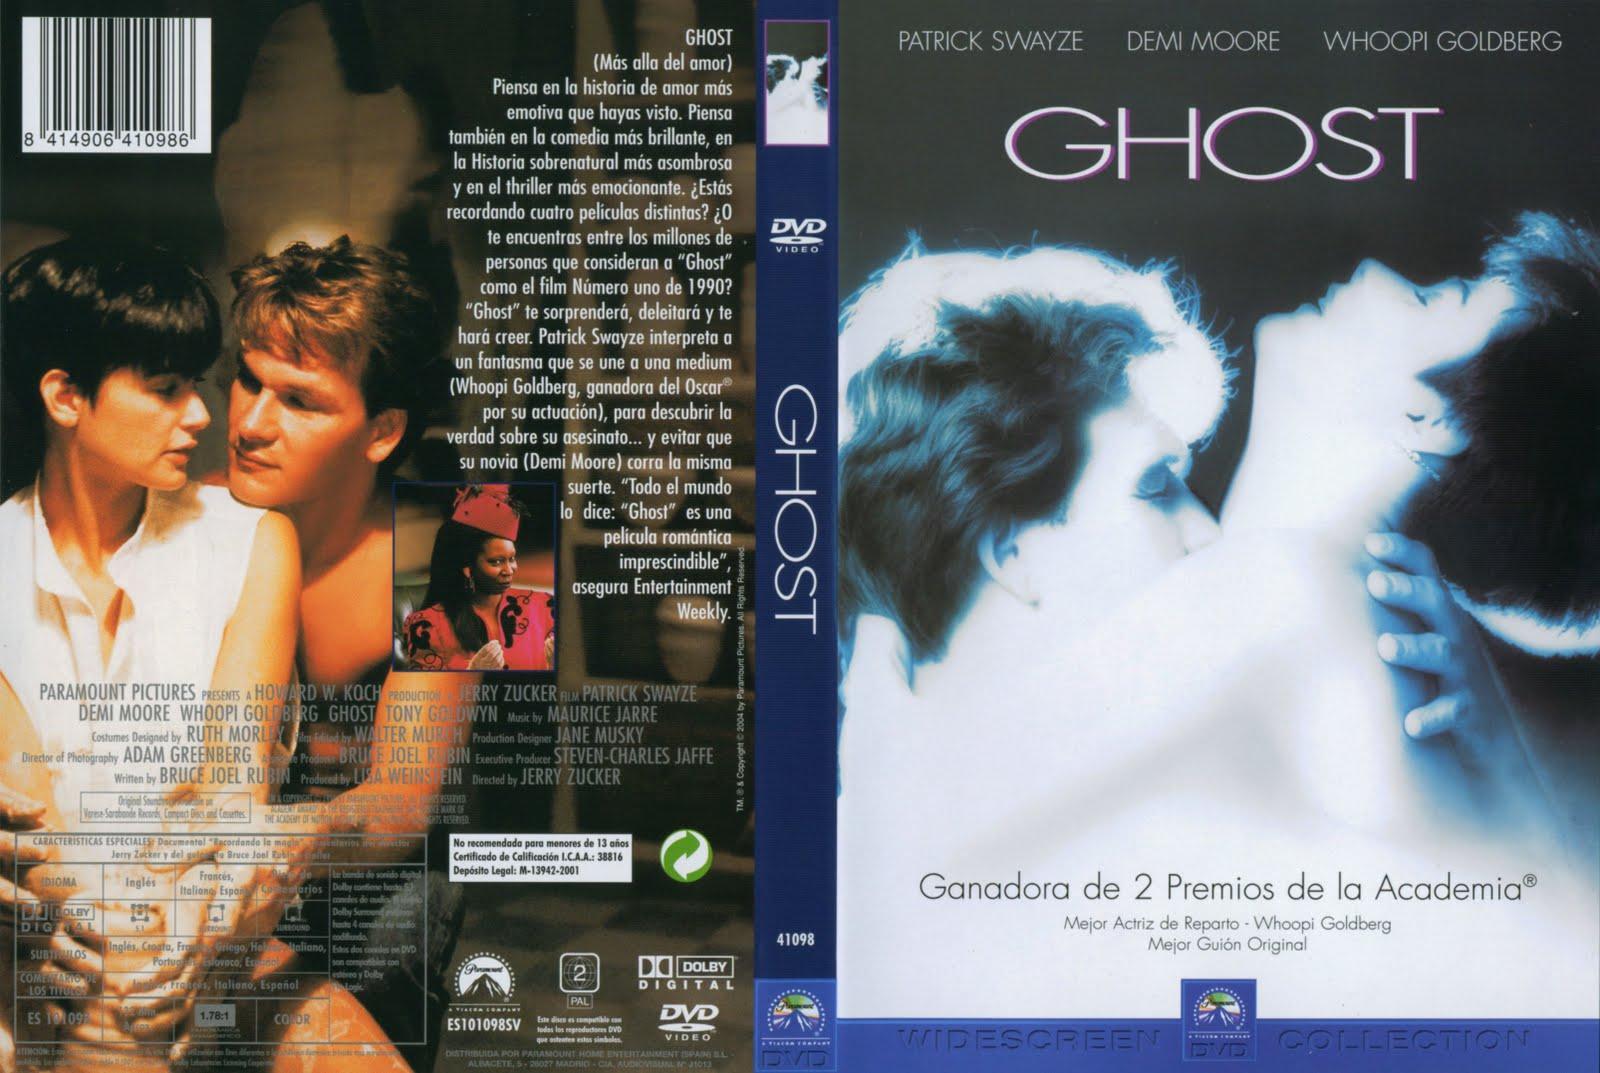 http://1.bp.blogspot.com/_FN7dlH54yBQ/S_oJQntq7WI/AAAAAAAACrk/ND4loVtbxx0/s1600/Ghost.jpg